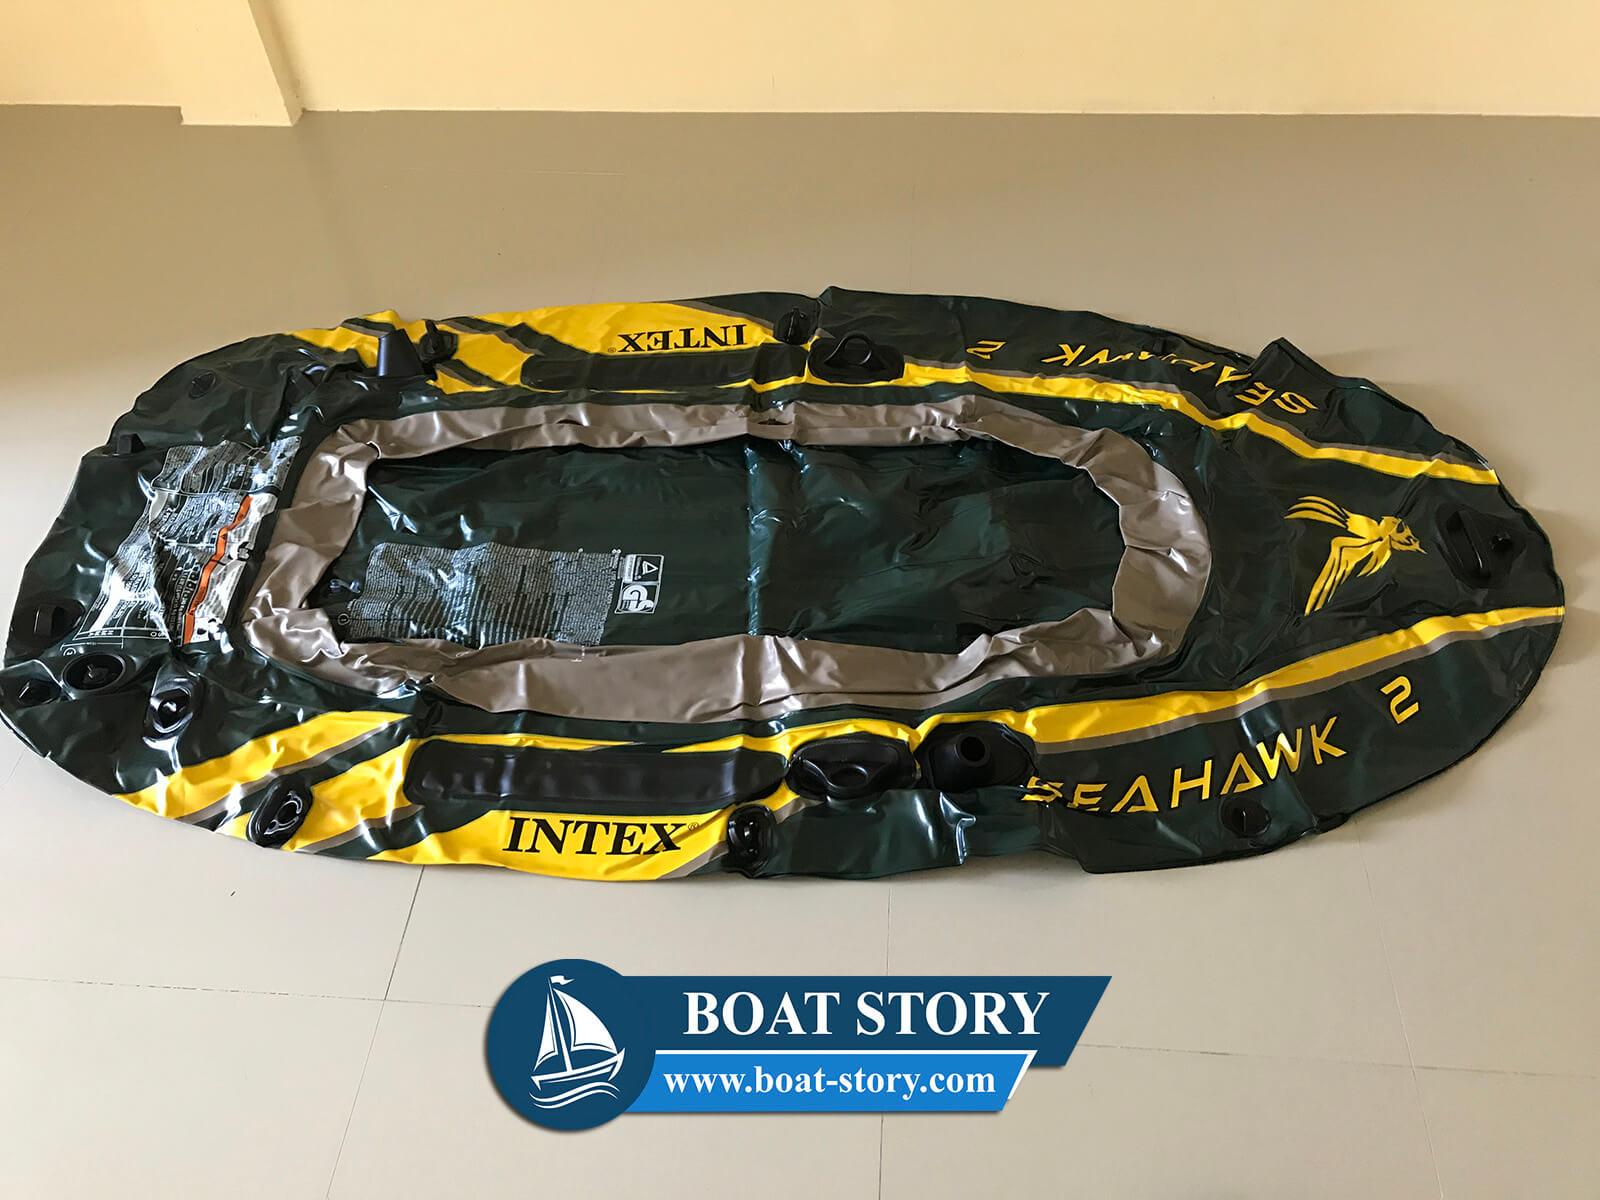 เรือยาง seahawk 2 intex 093